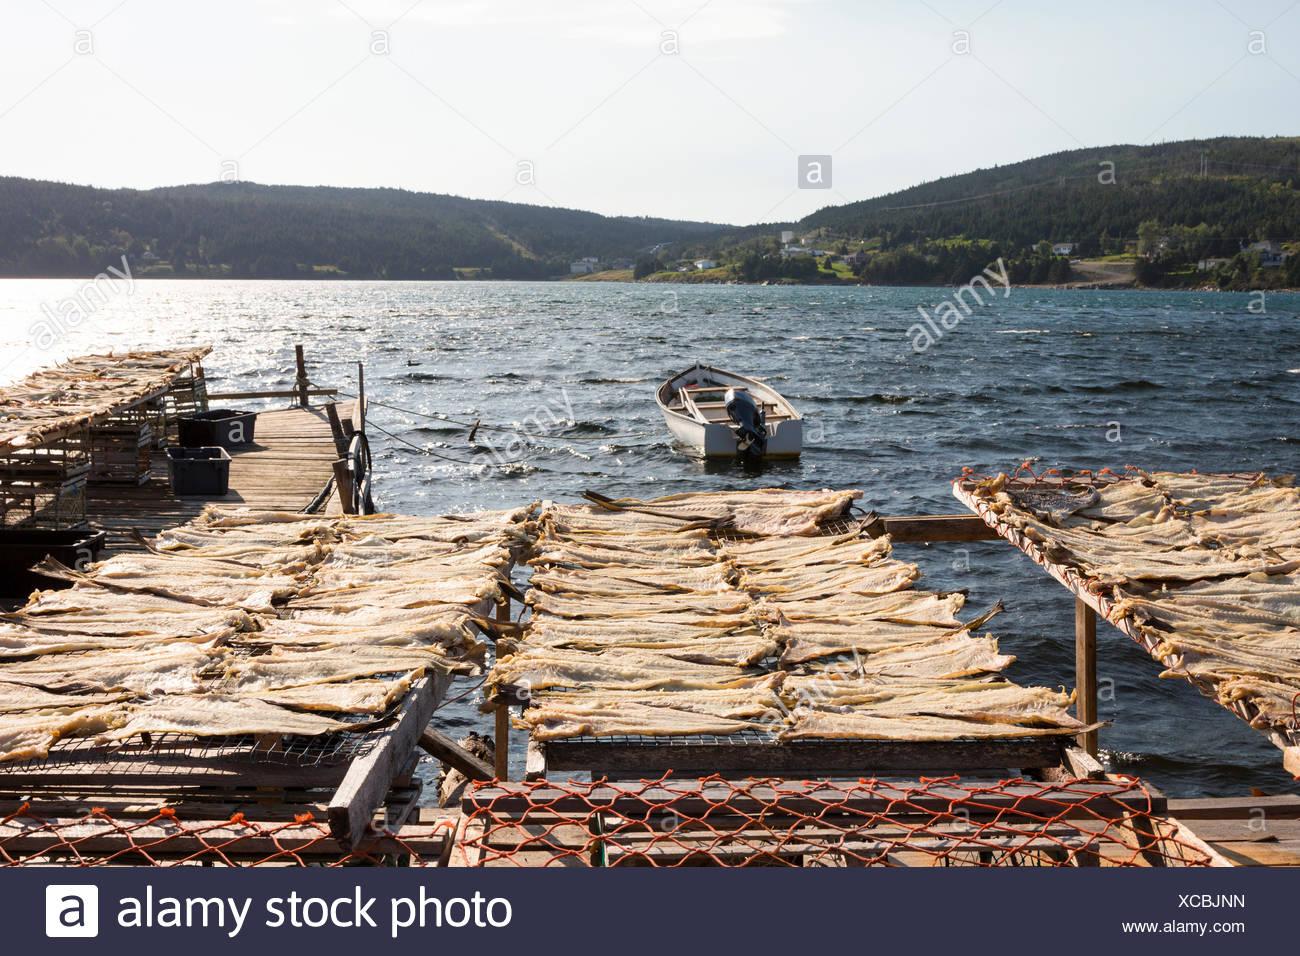 Cod tendederos, Corazón Contento, Newfoundland, Canadá Foto de stock